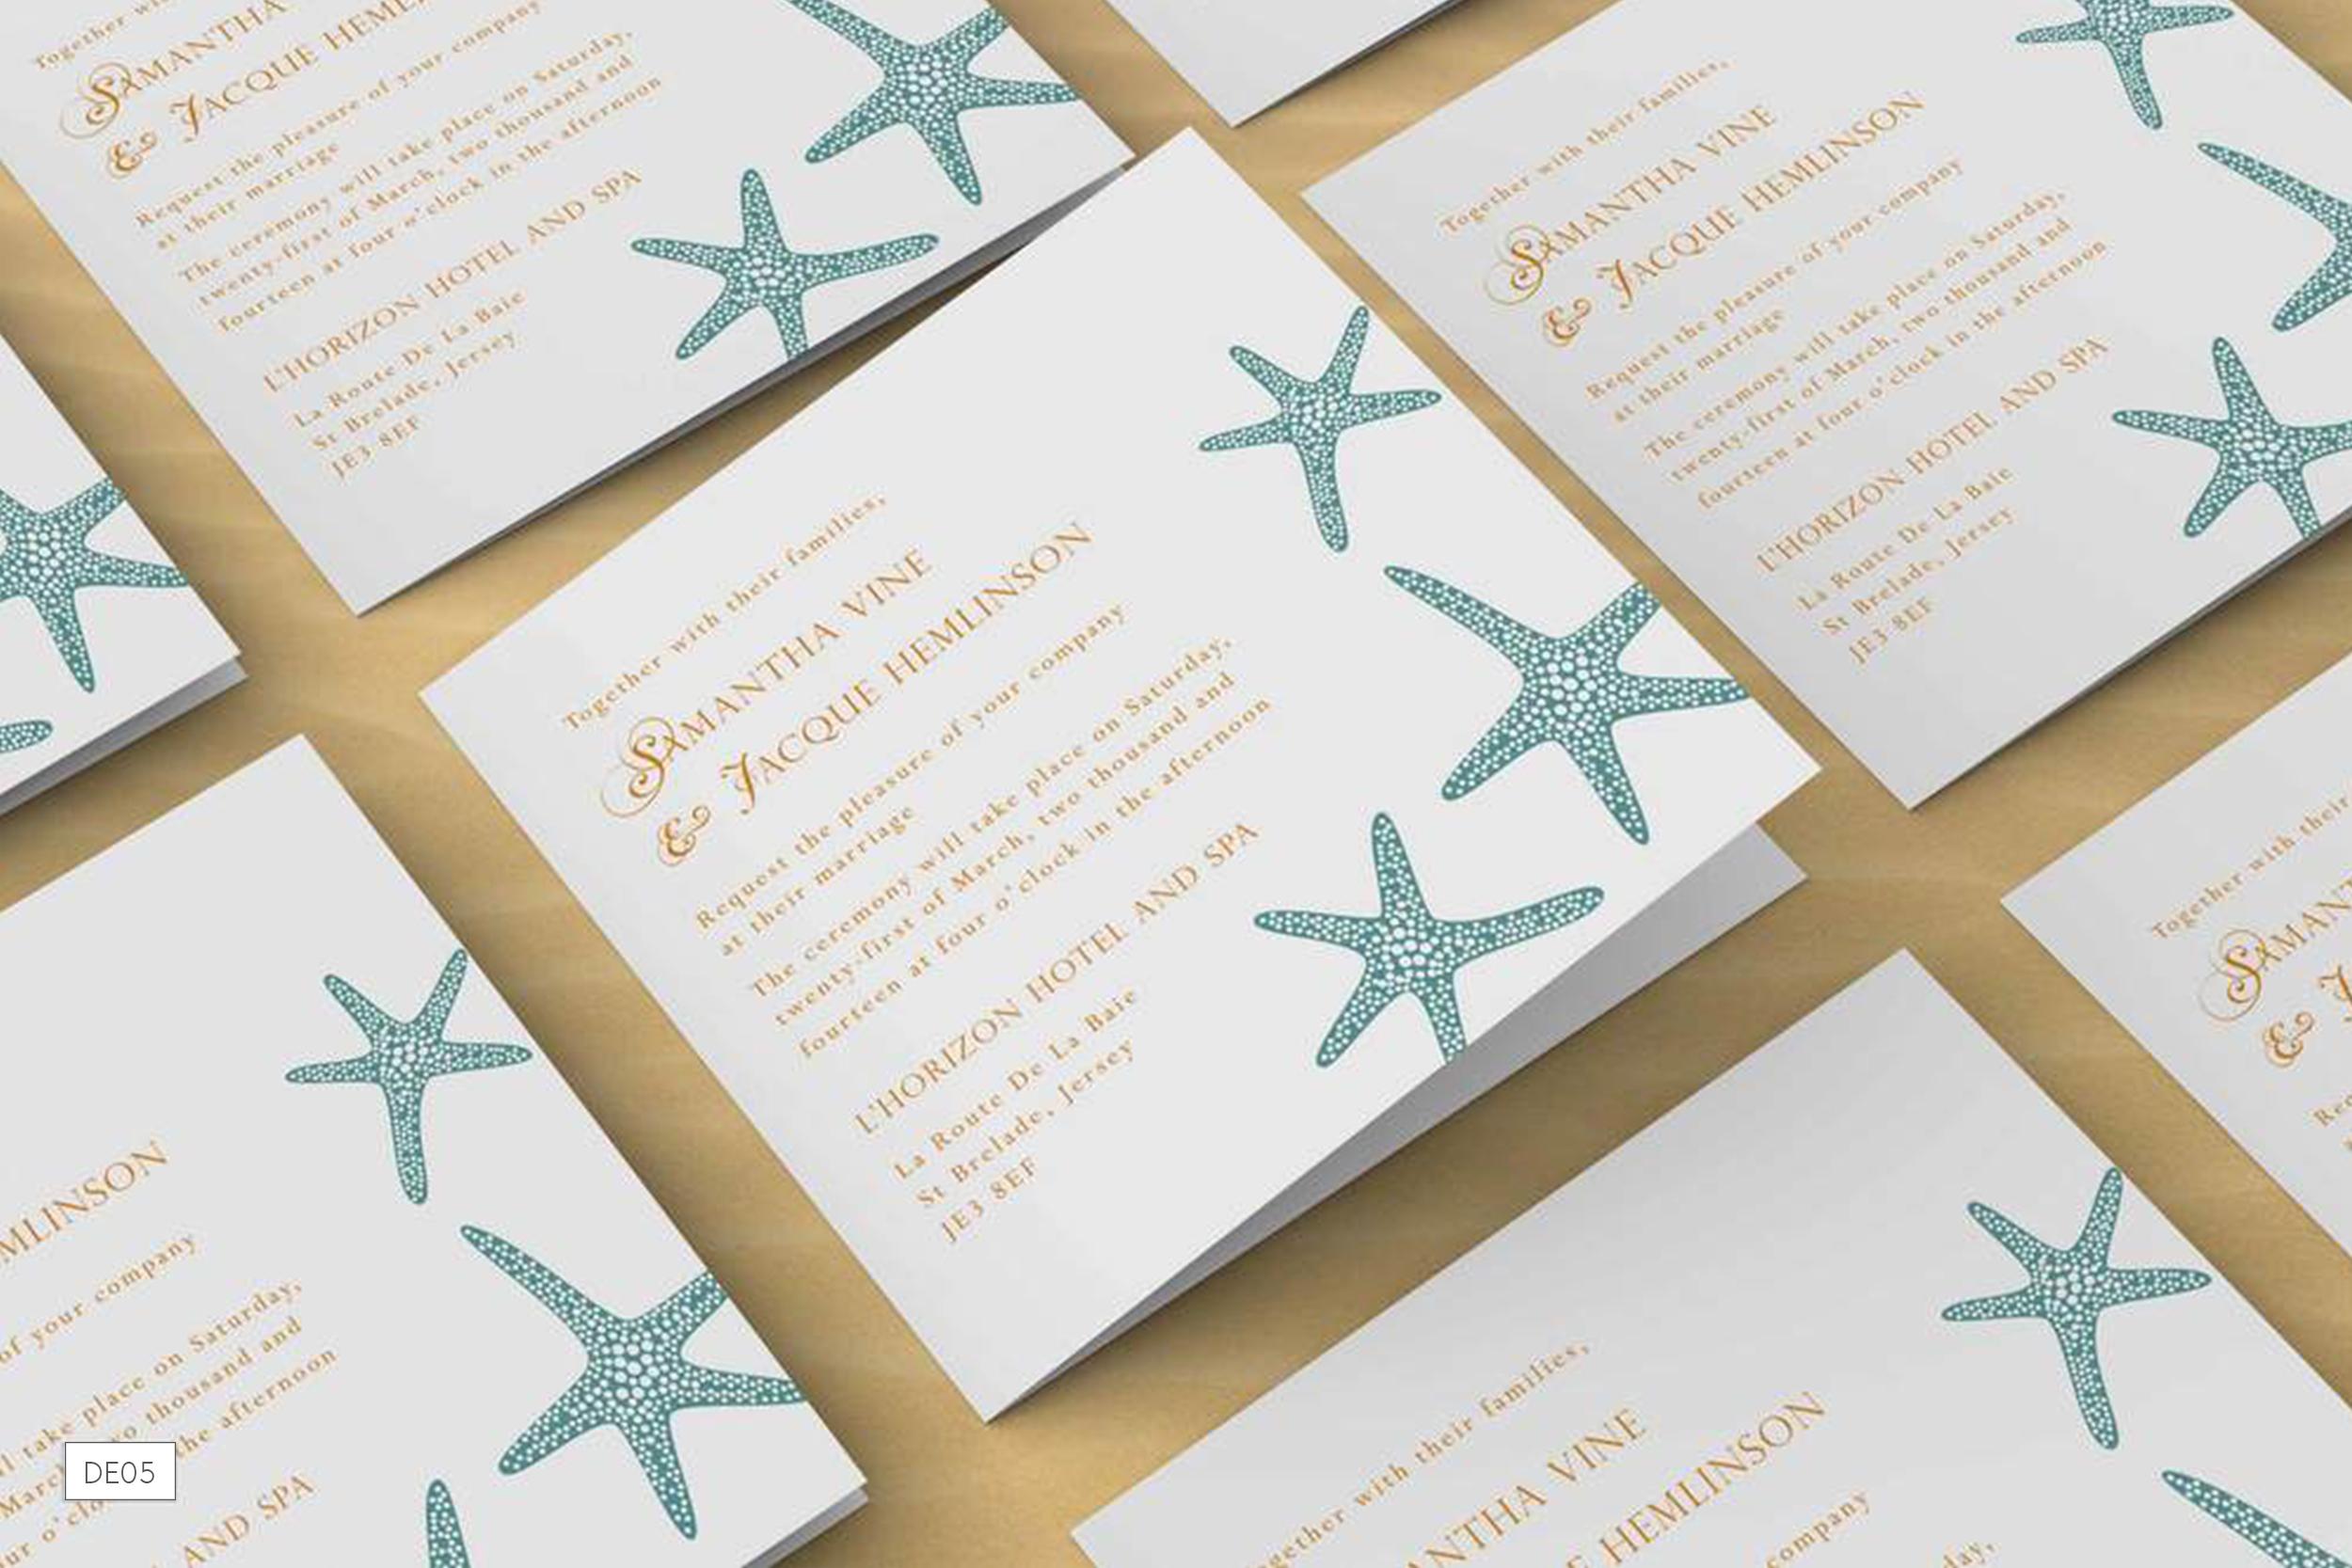 DE05-Destination-Weddings1_ananyacards.com.jpg